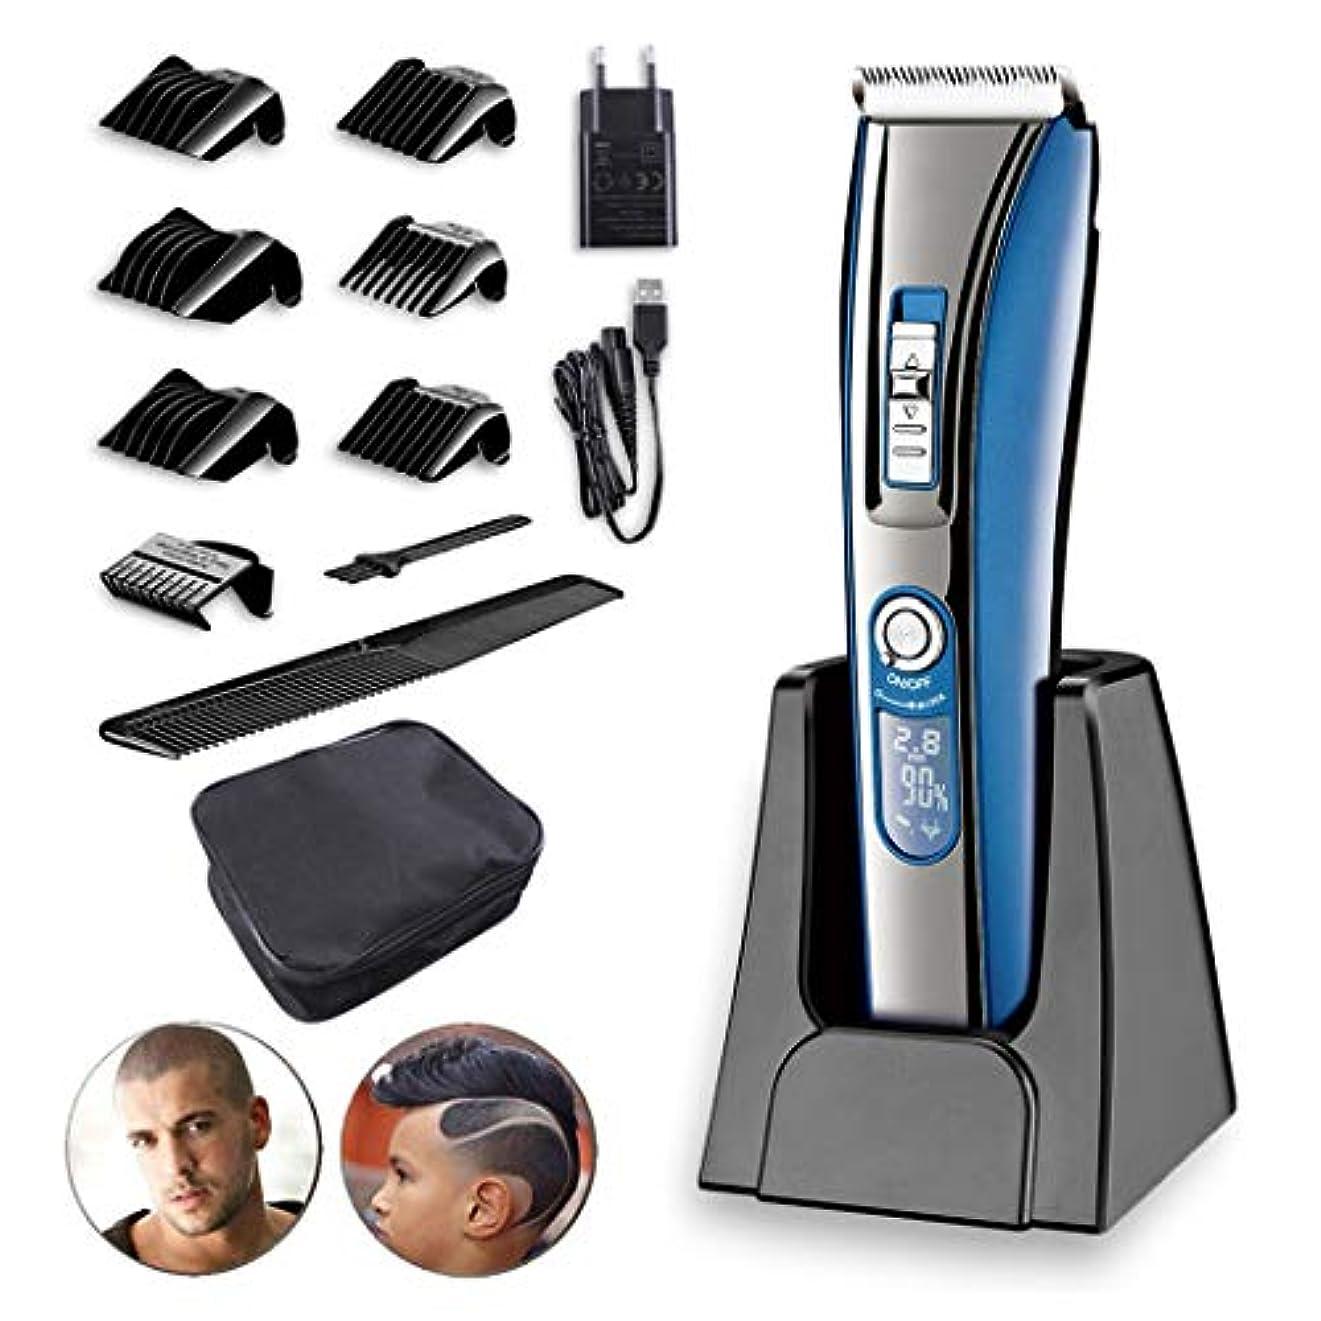 地味な今までディレクターバリカン男性のためのバリカンコードレス髪トリマー充電式LEDディスプレイは、男性の子供のためのひげトリマーをスピードアップします